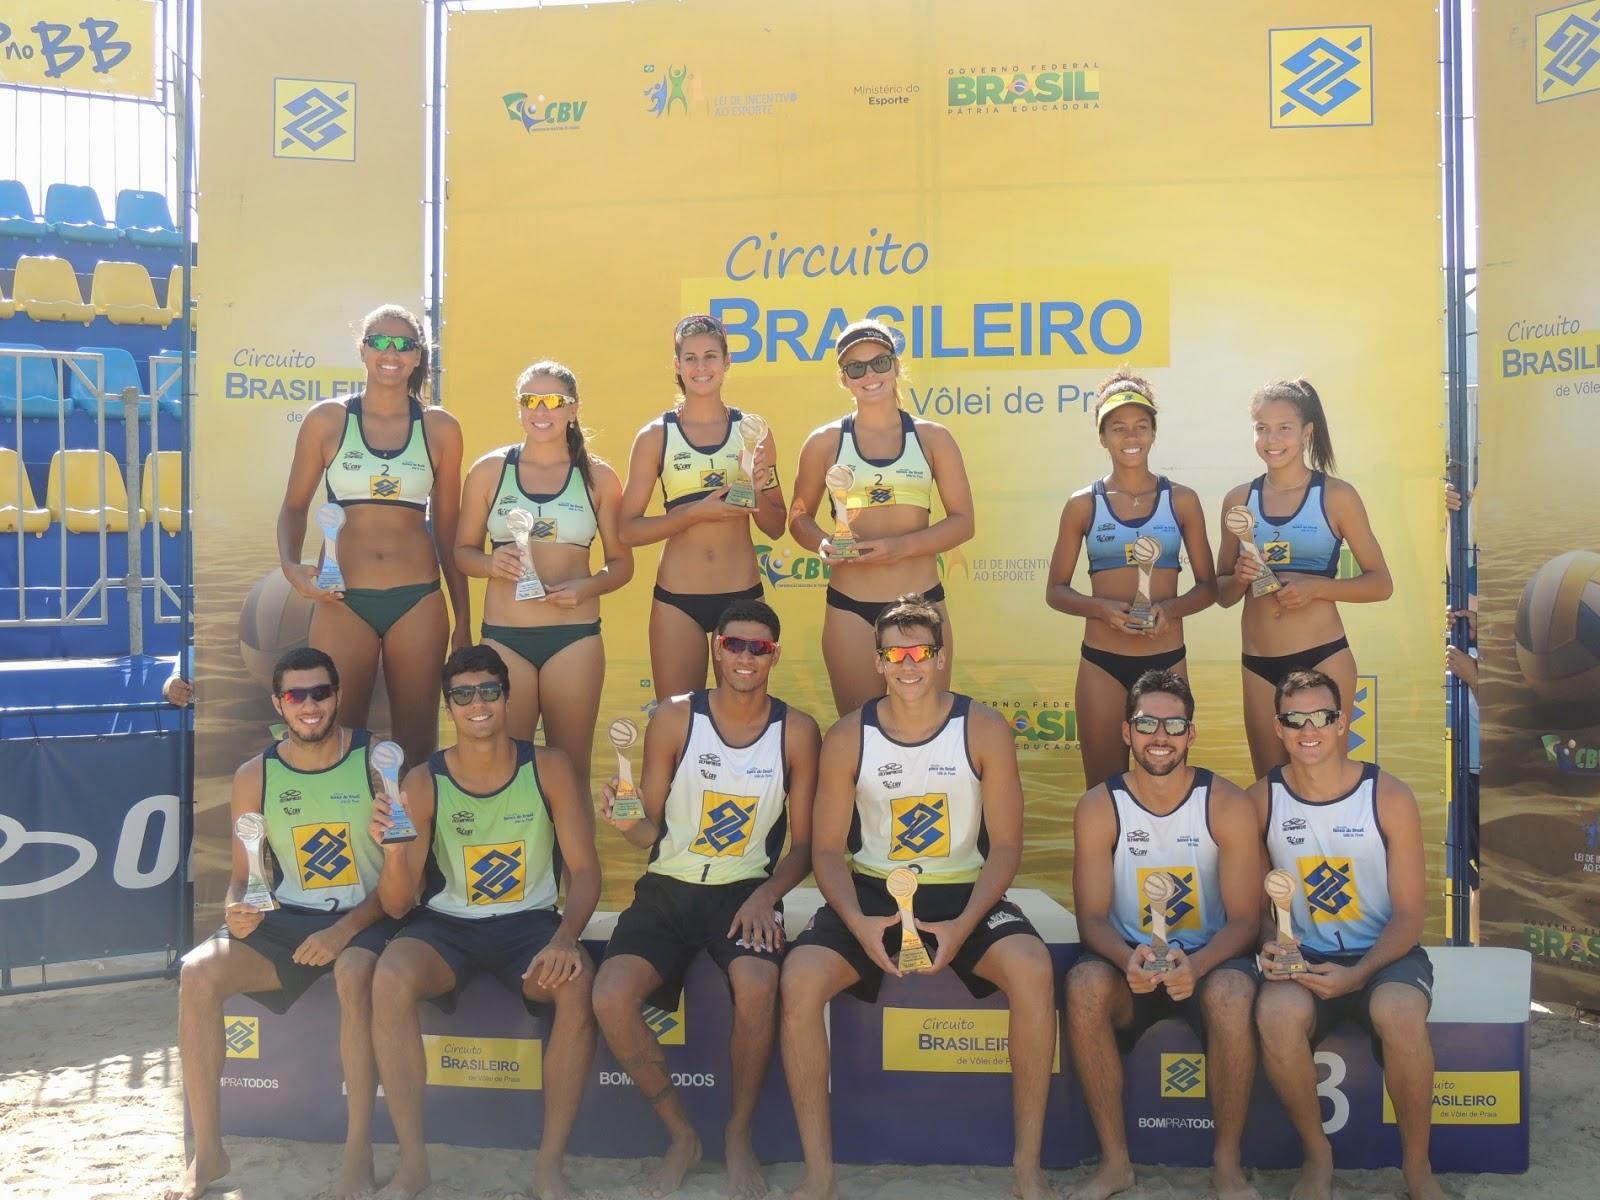 Circuito Banco Do Brasil : Fcv sc circuito banco do brasil sub etapa chapecó